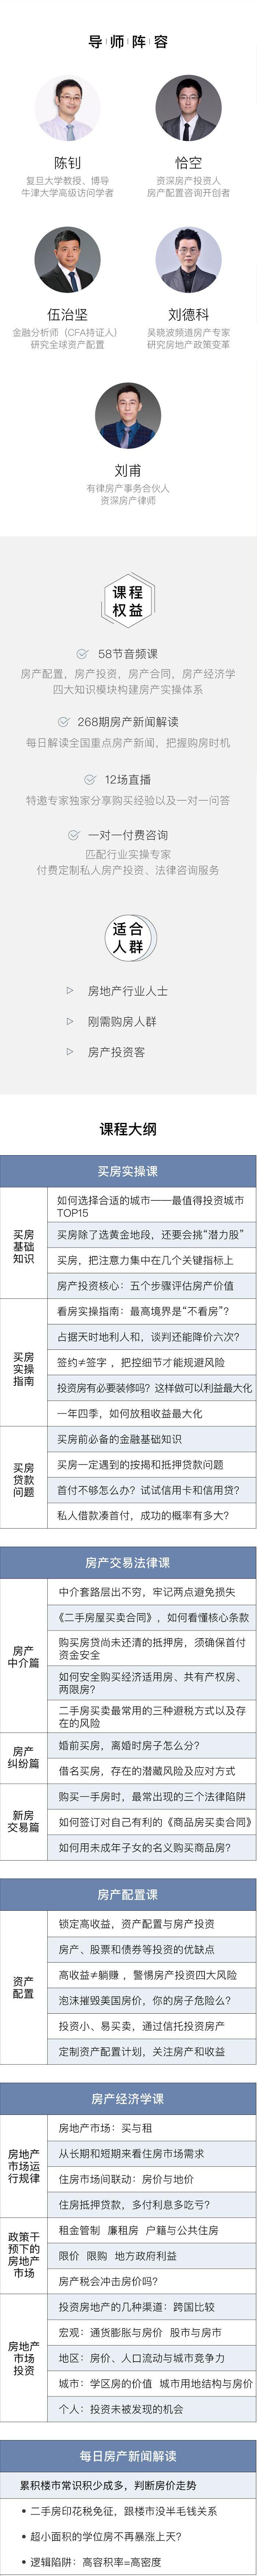 吴晓波 我的房产计划系列课(12课完结)